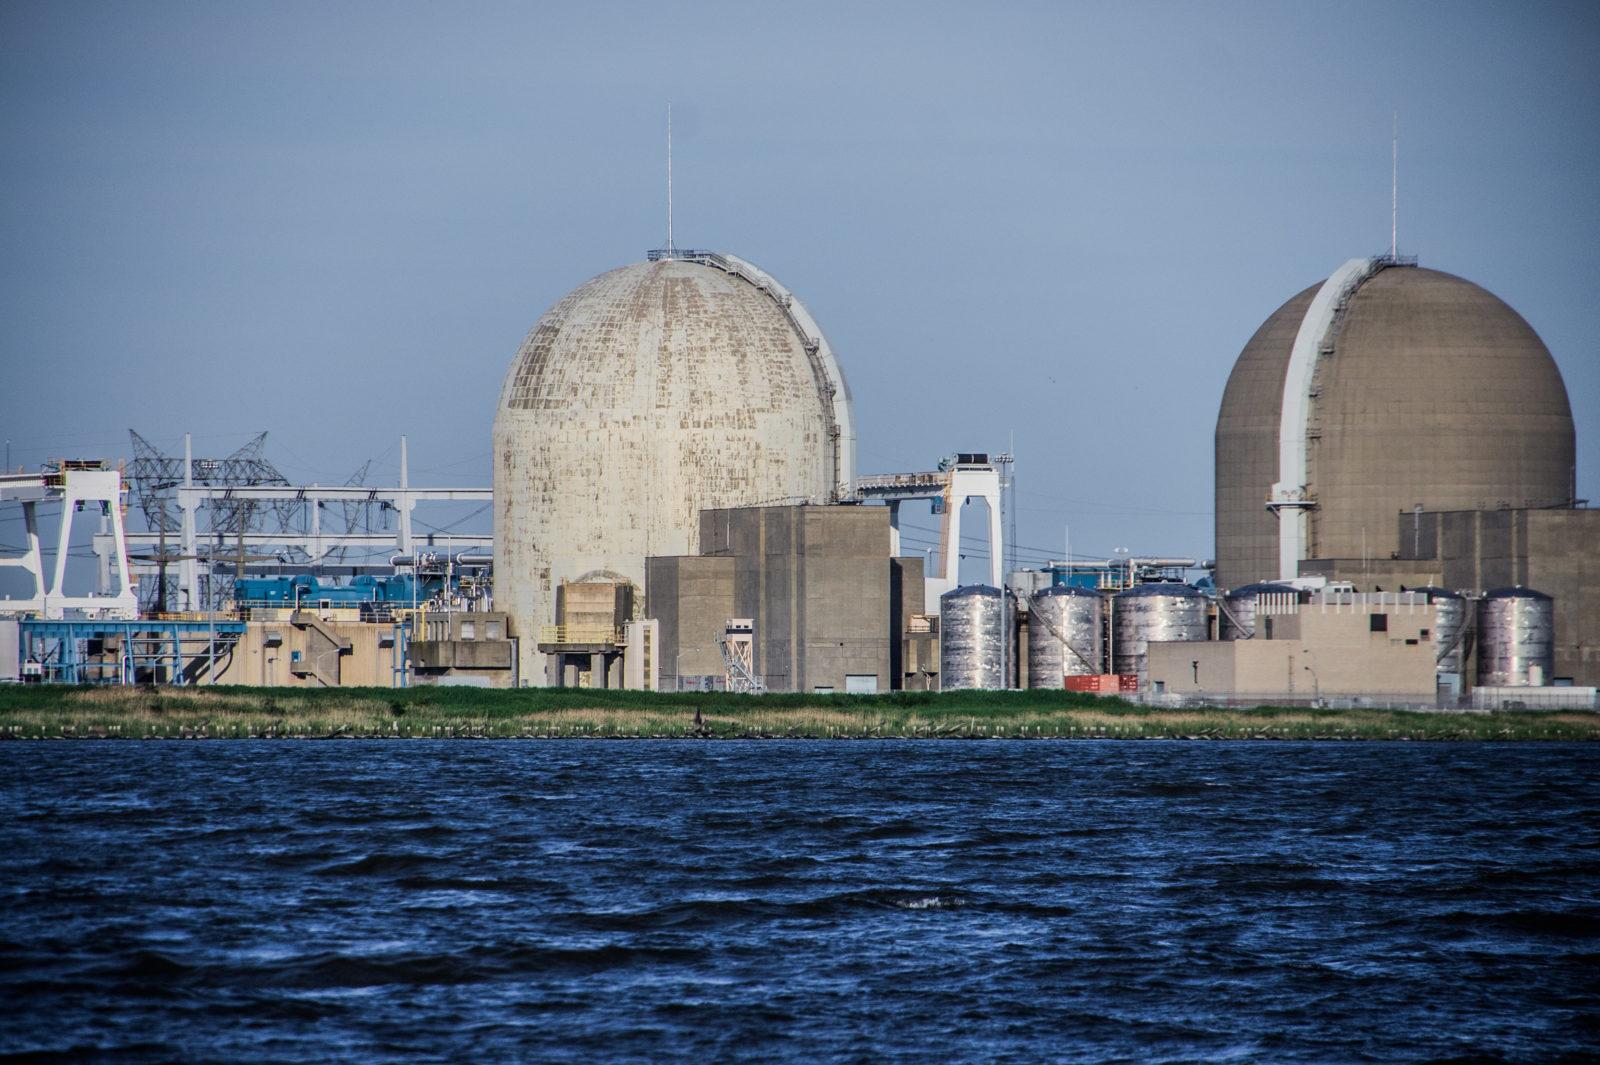 Salem 1 nuclear unit taken offline after missed deadline